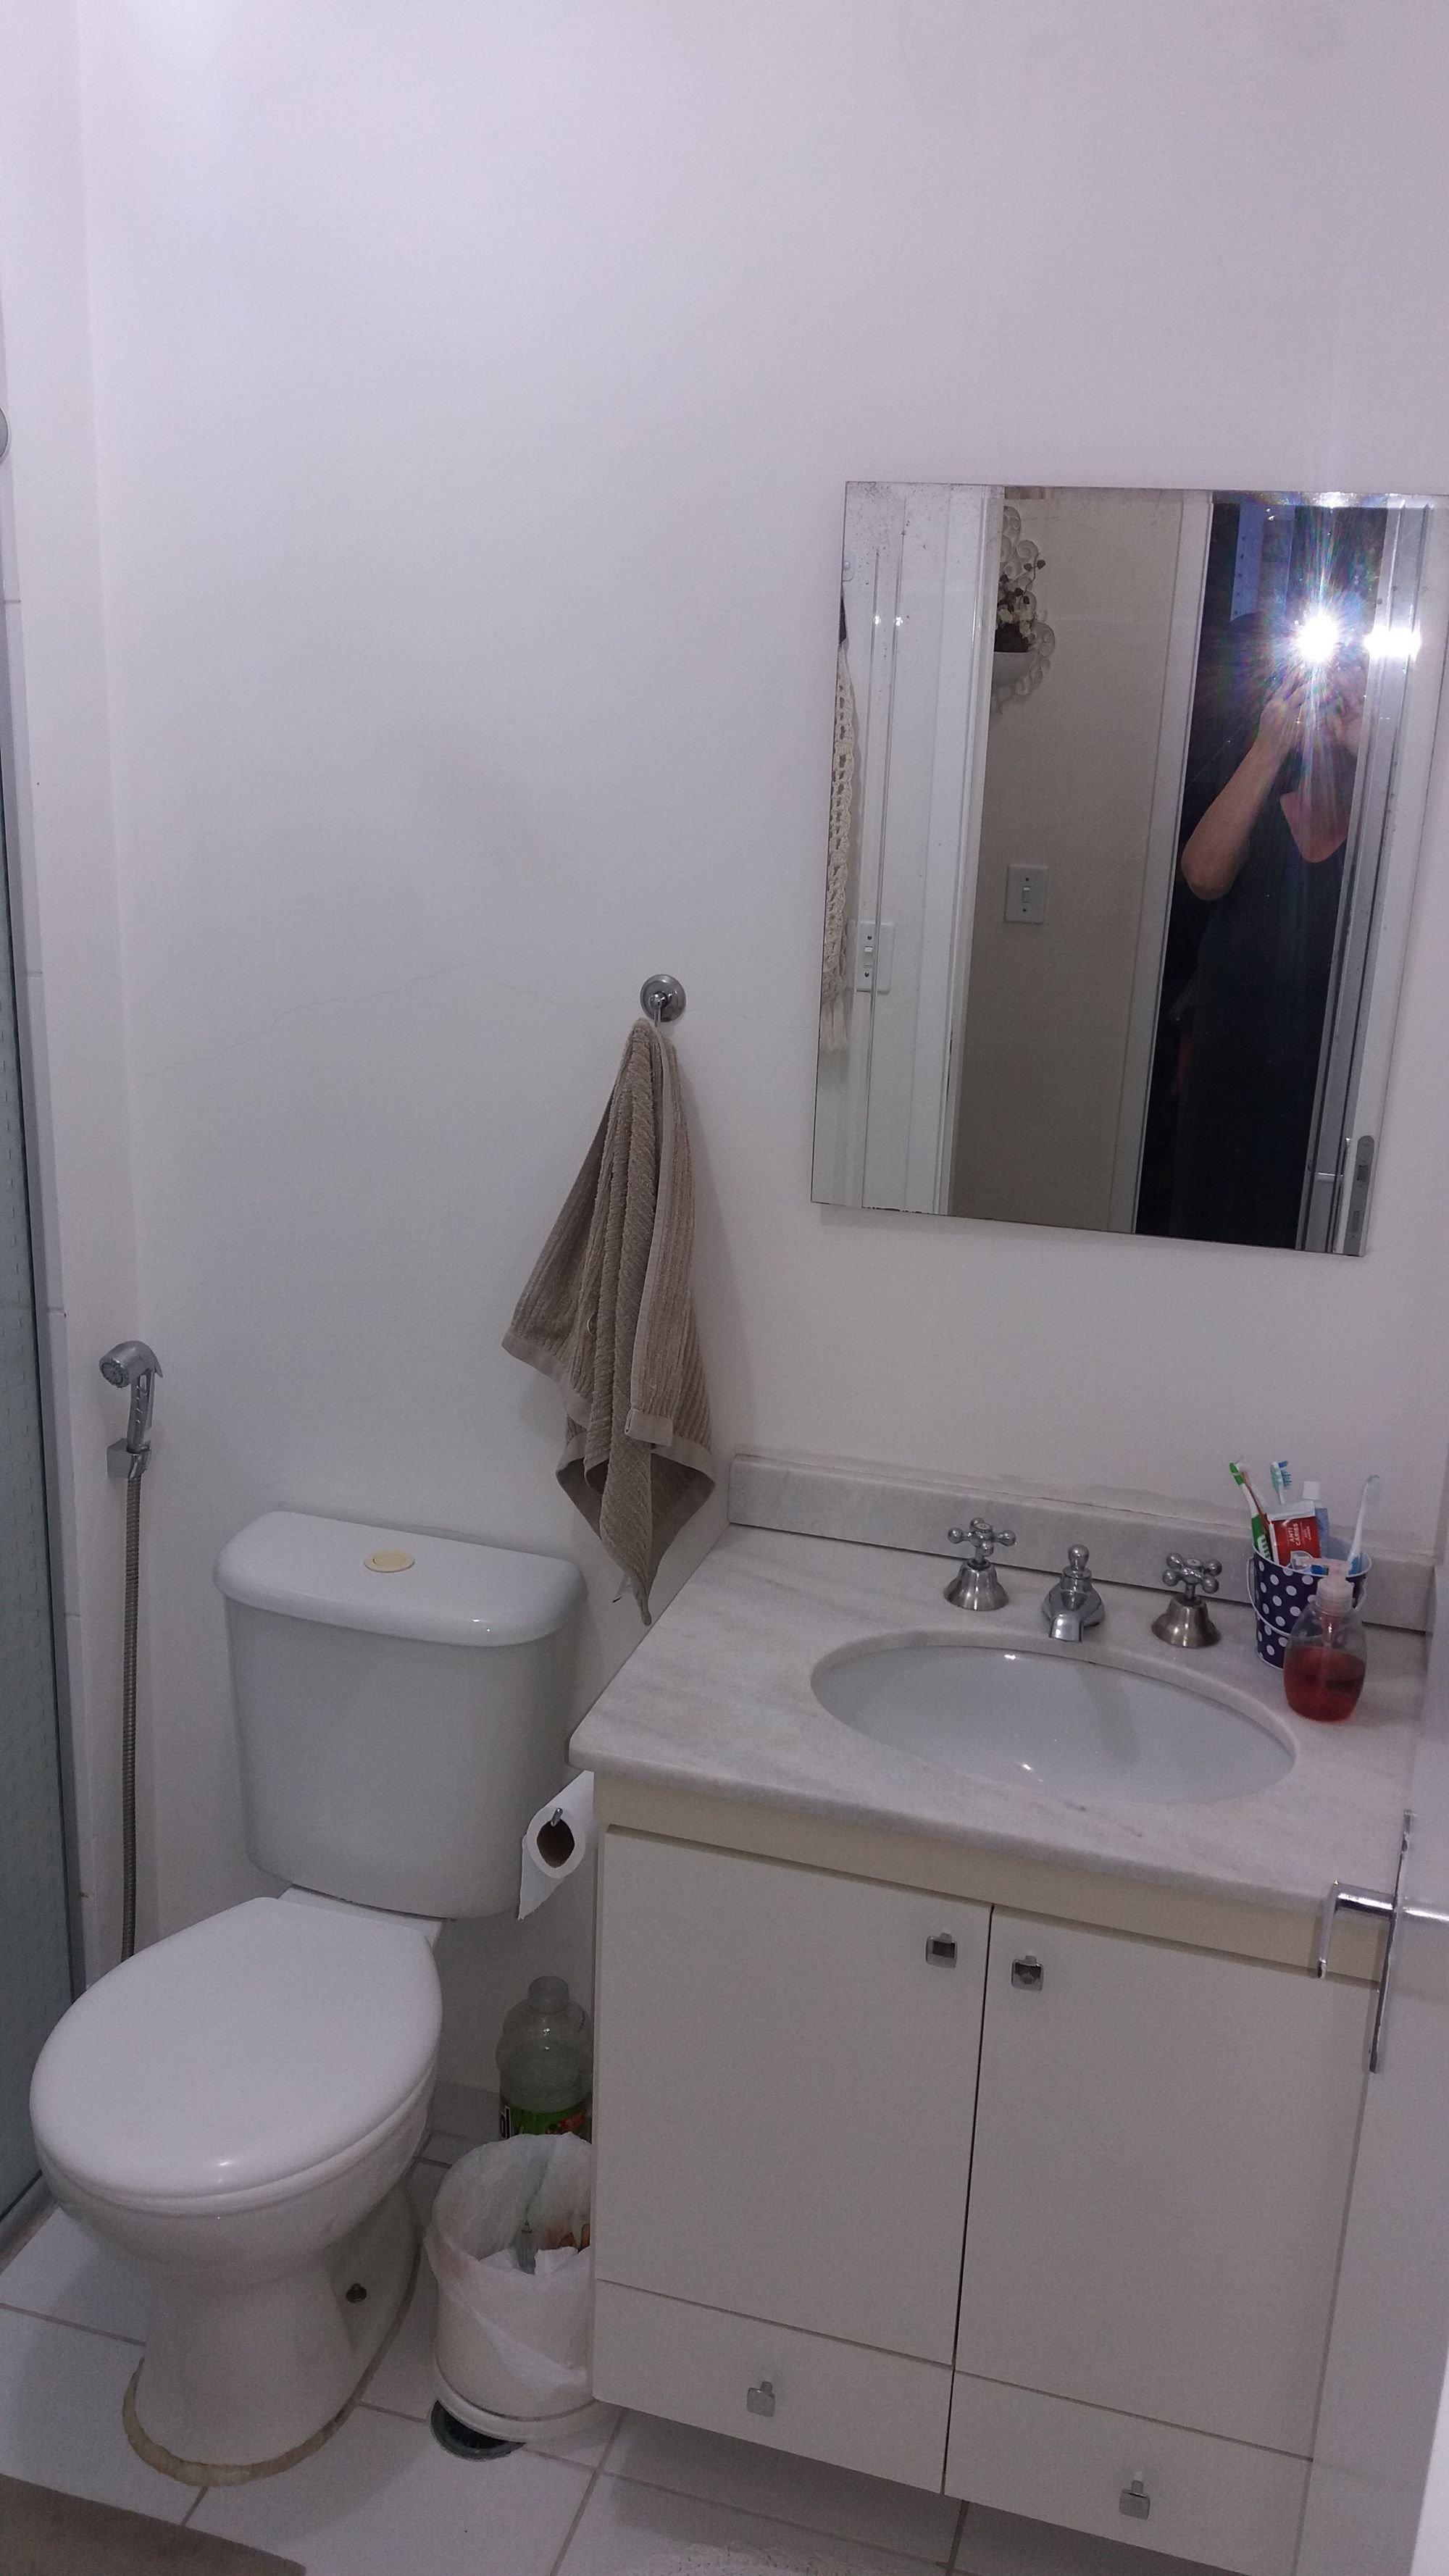 Foto de Banheiro com escova de dente, vaso sanitário, pia, xícara